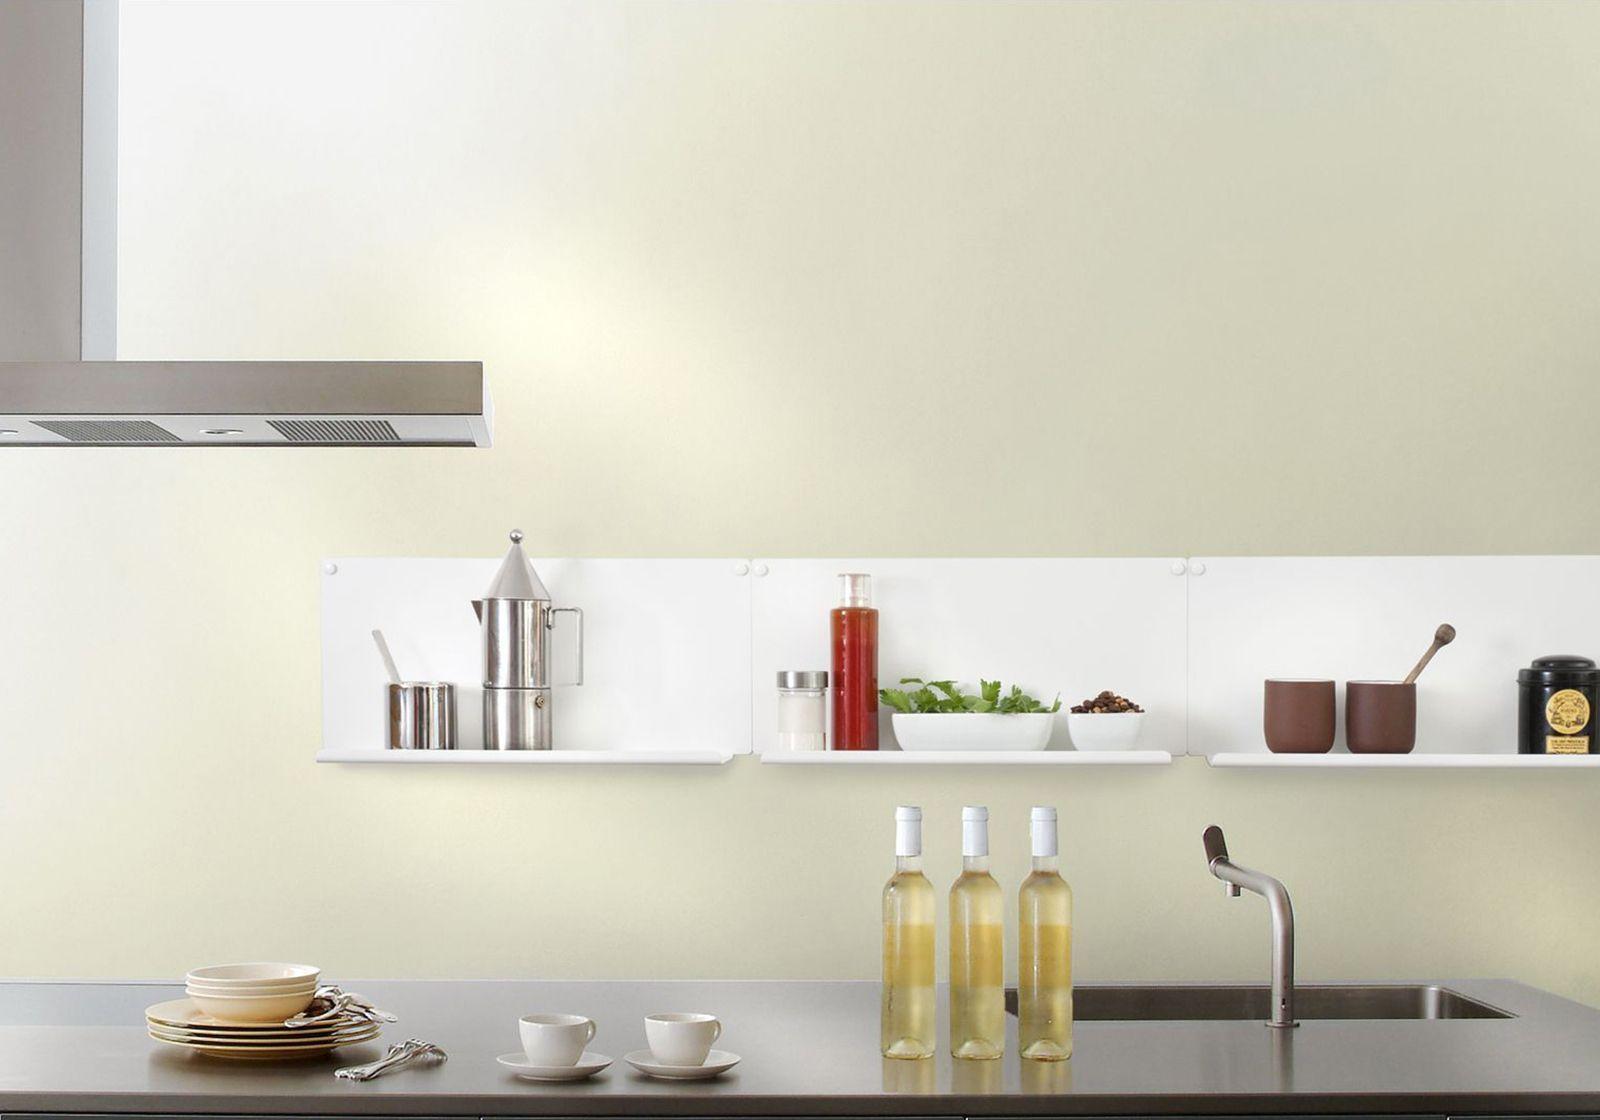 Tag re pour la cuisine le ot de 2 45x10 cm acier for Etageres murales pour cuisine